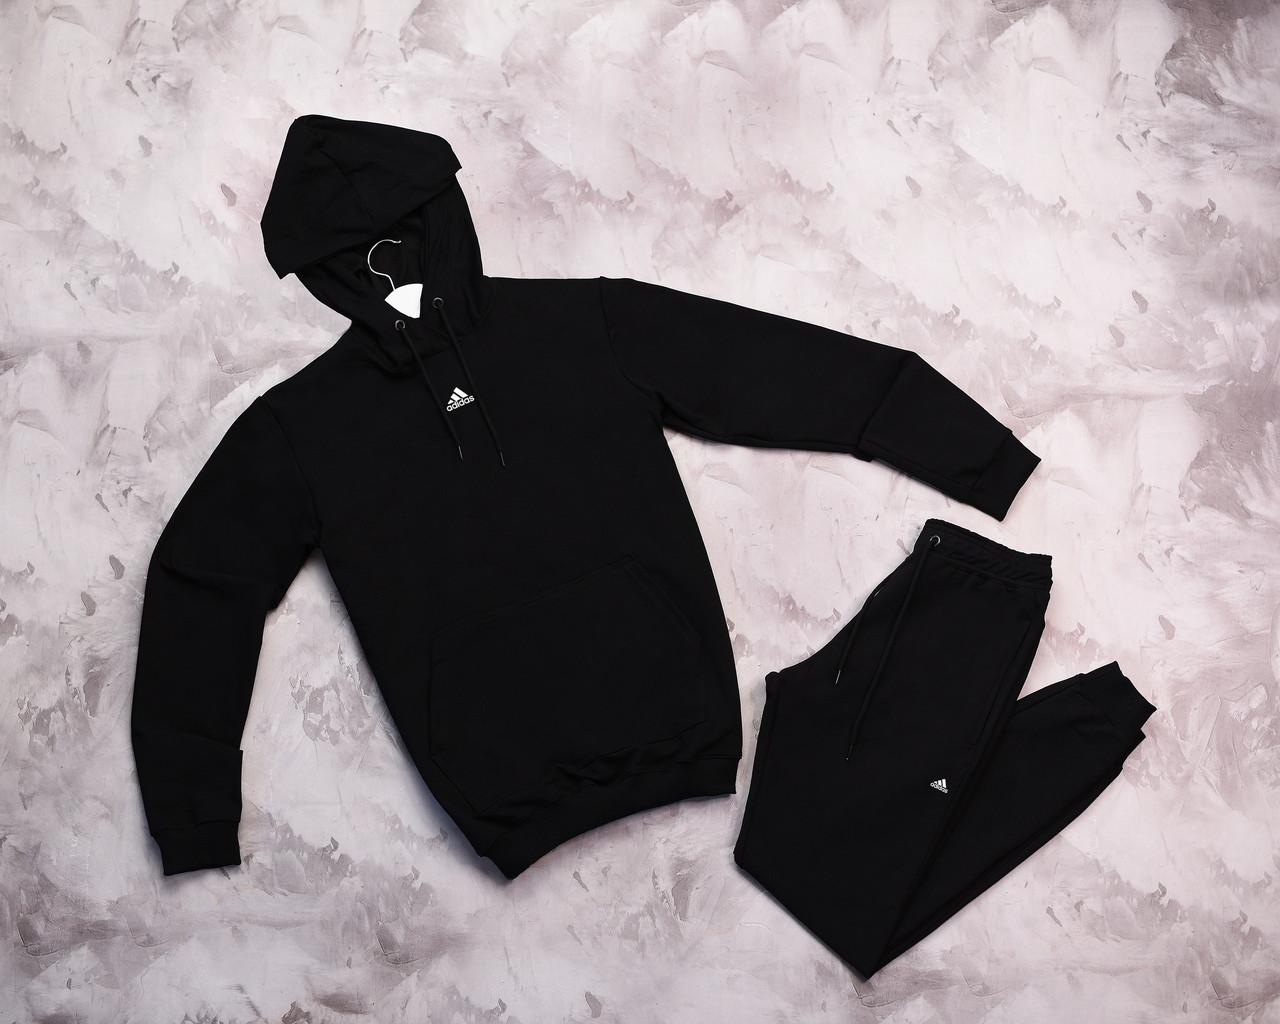 Adidas мужской черный спортивный костюм с капюшоном весна осень.Adidas Худи черный + штаны черные комплект